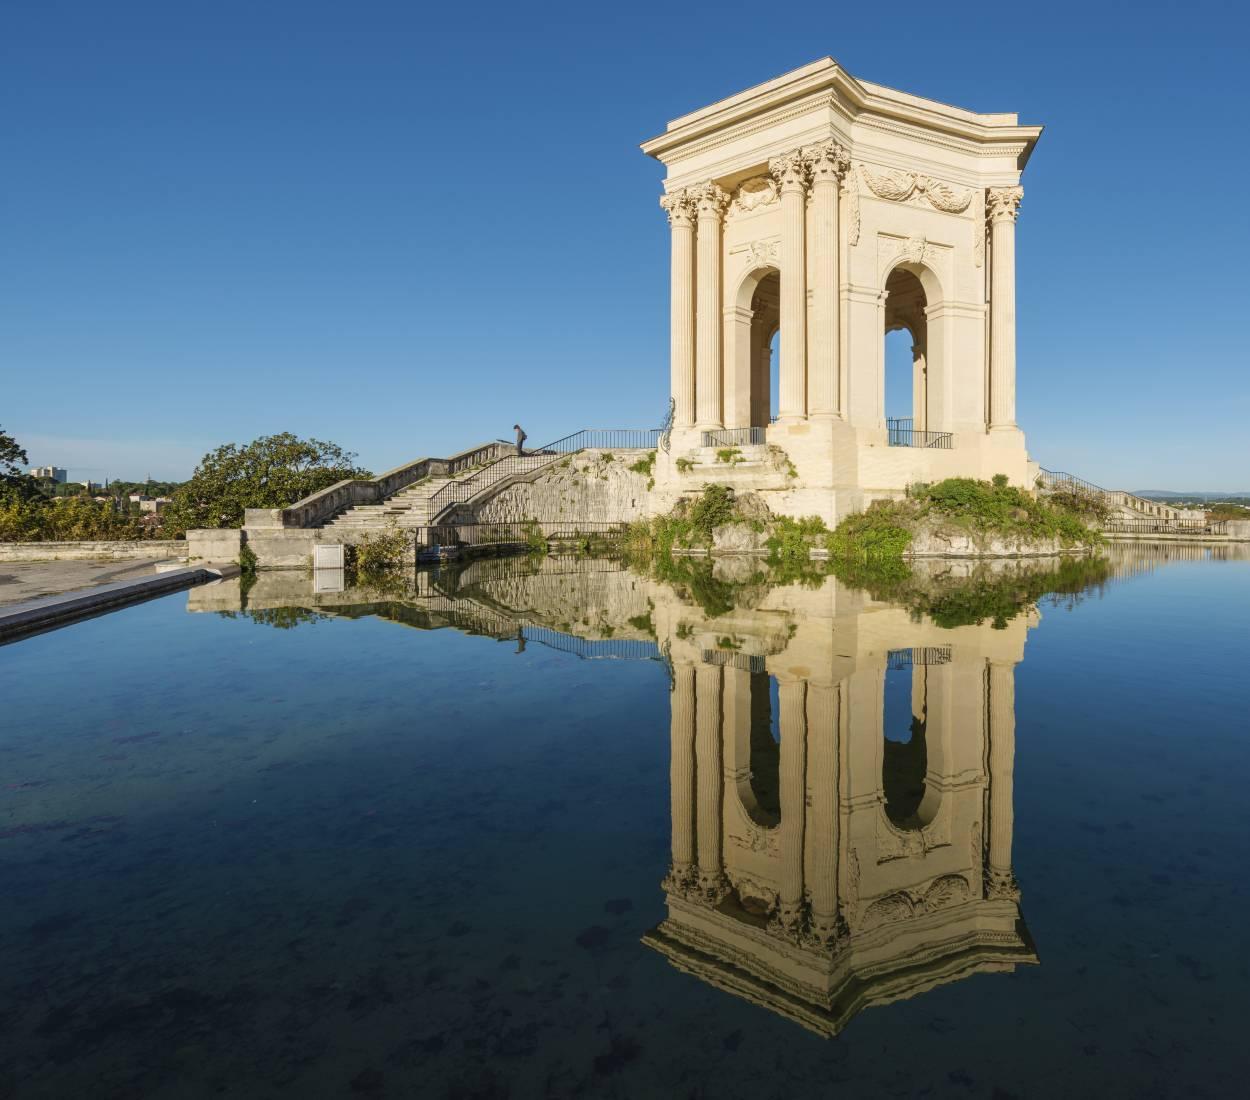 Place du Peyrou - Chateau d'eau à Montpellier